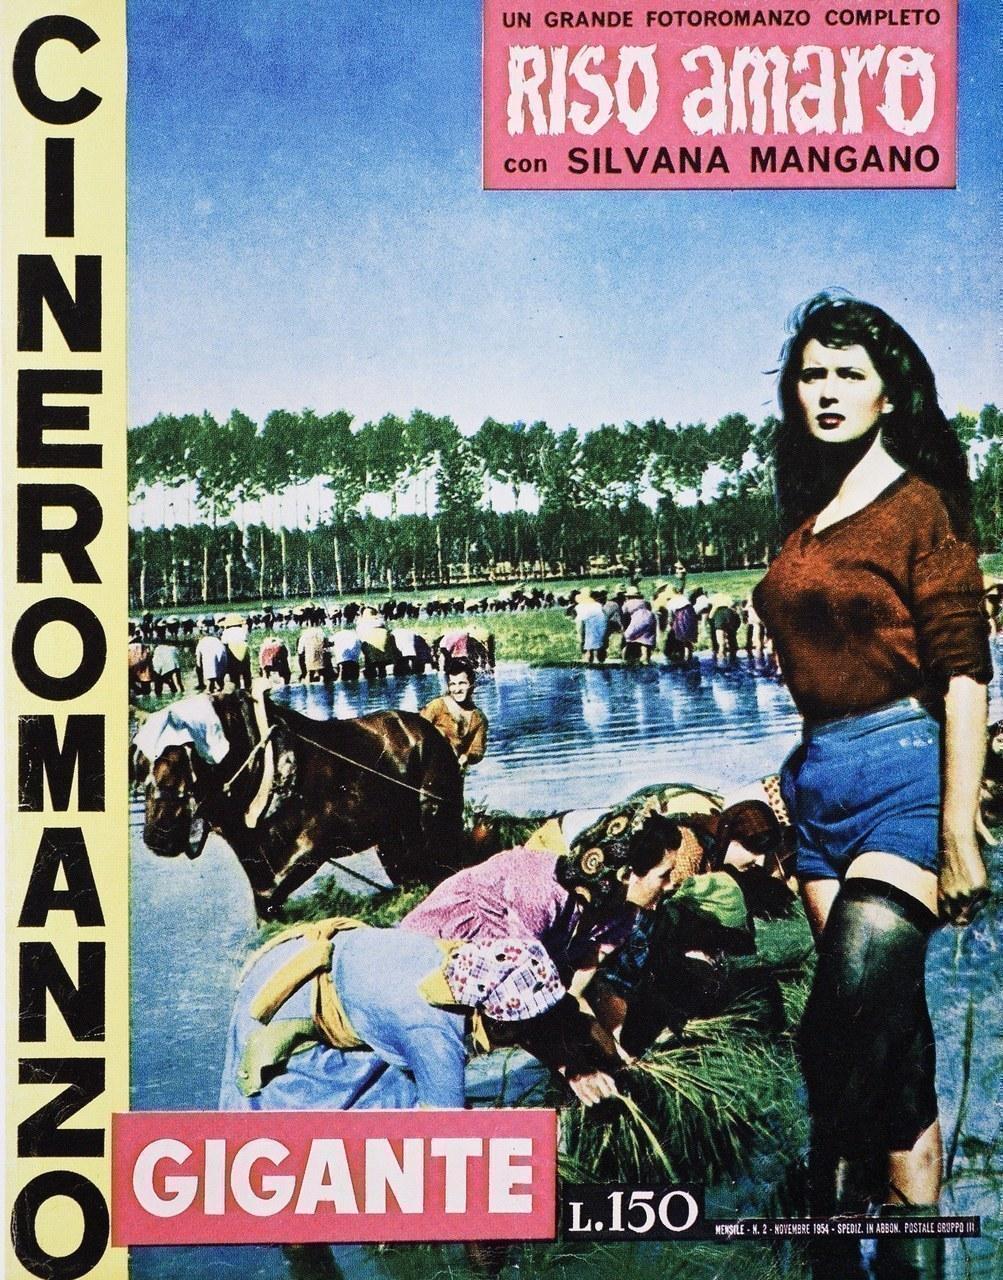 Couverture du cineromanzo tiré de Riso Amaro, dir. Giuseppe De Santis, avec Silvana Mangano (1948)